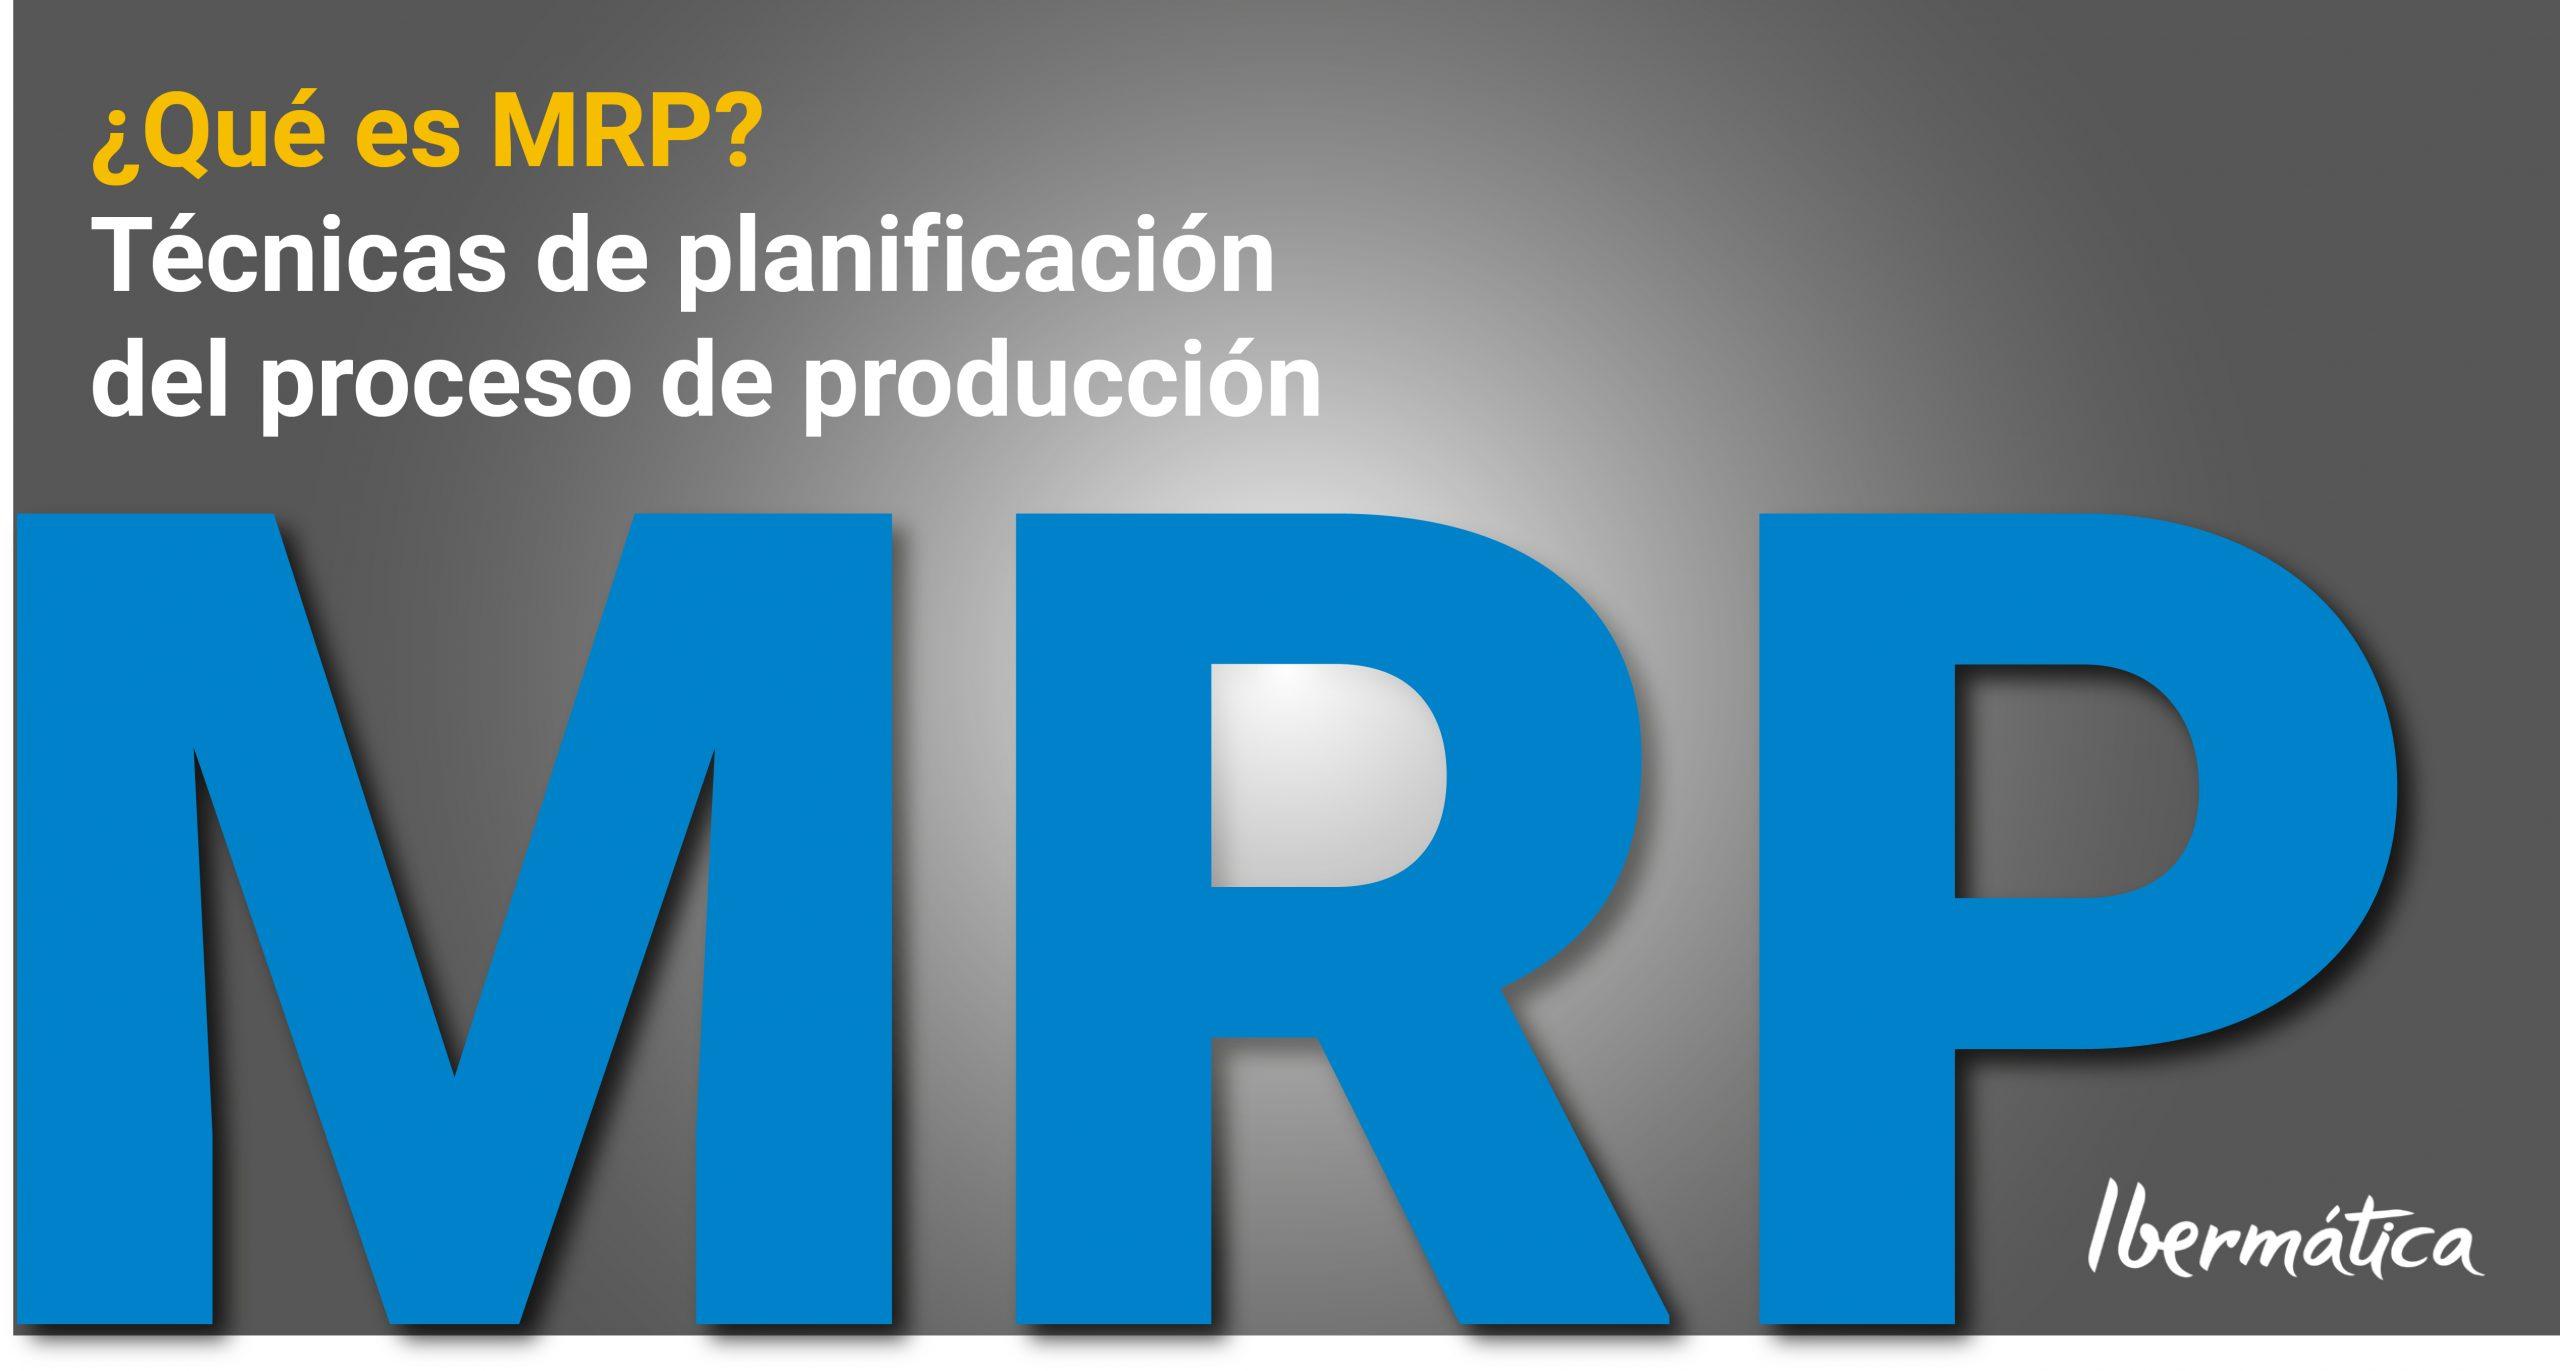 ¿Qué es MRP? Técnicas de planificación del proceso de producción.